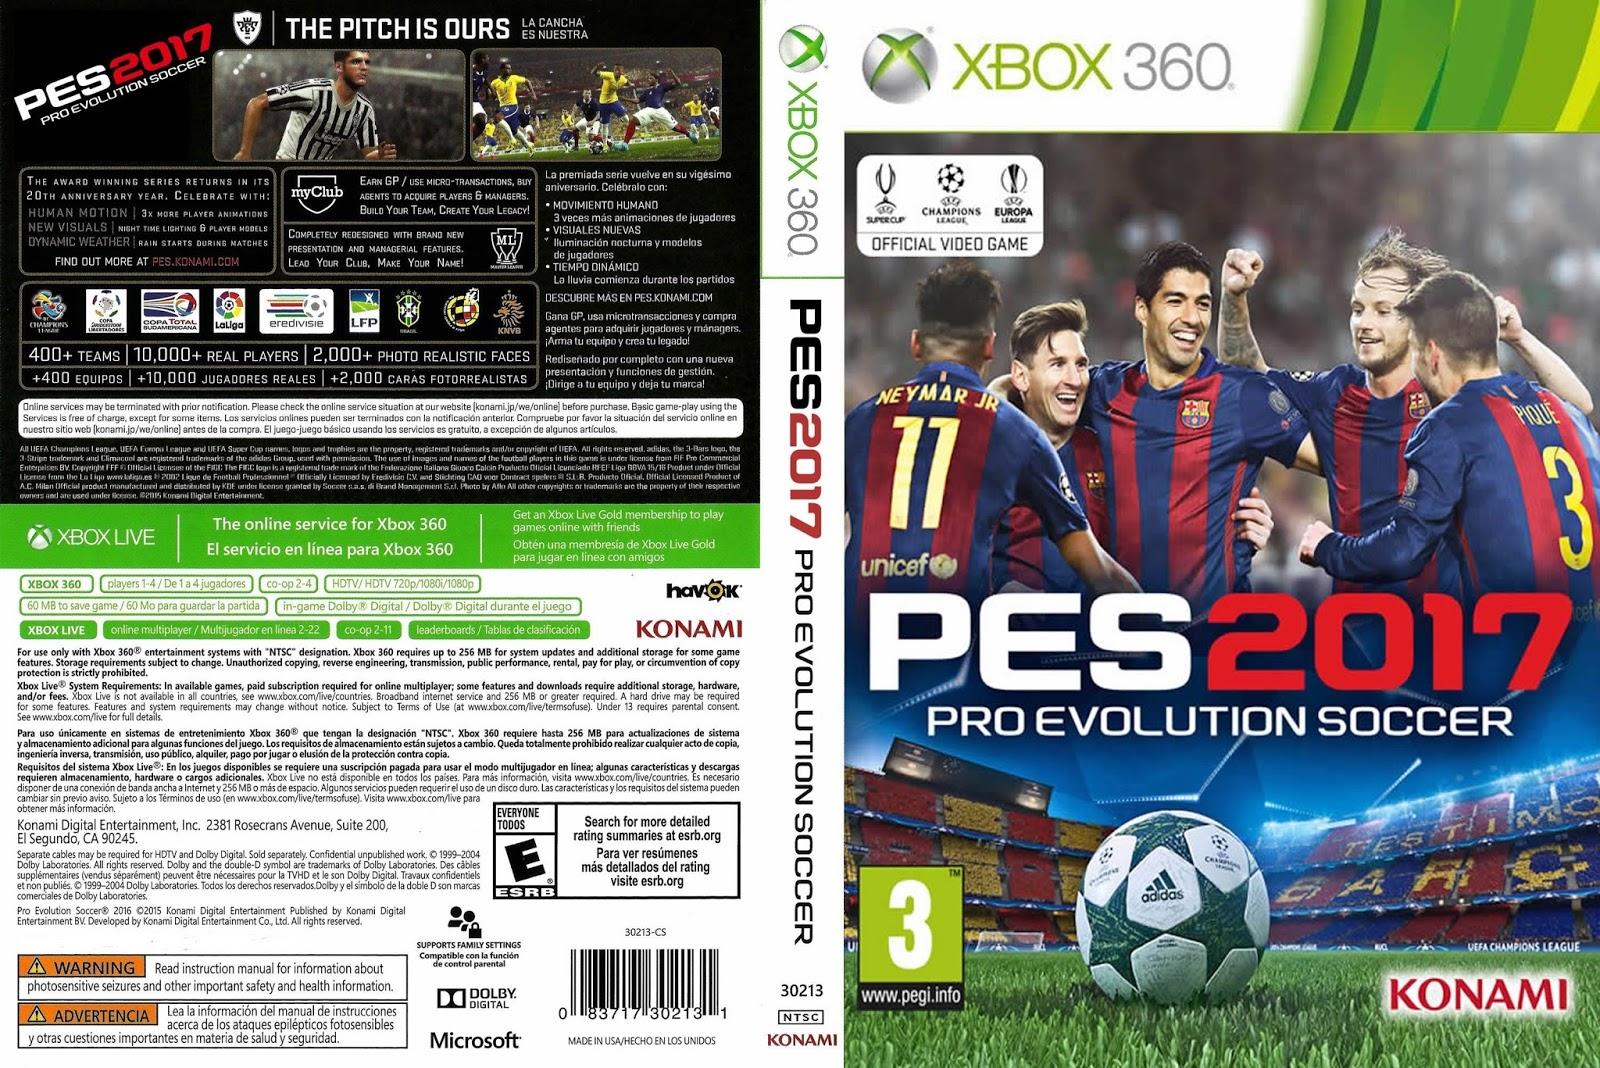 7b72a5acf5 (PES 2017) Pro Evolution Soccer 2017 – A série premiada leva a experiência  de jogo a um novo nível com realidade interactiva no controlo e gráficos ...